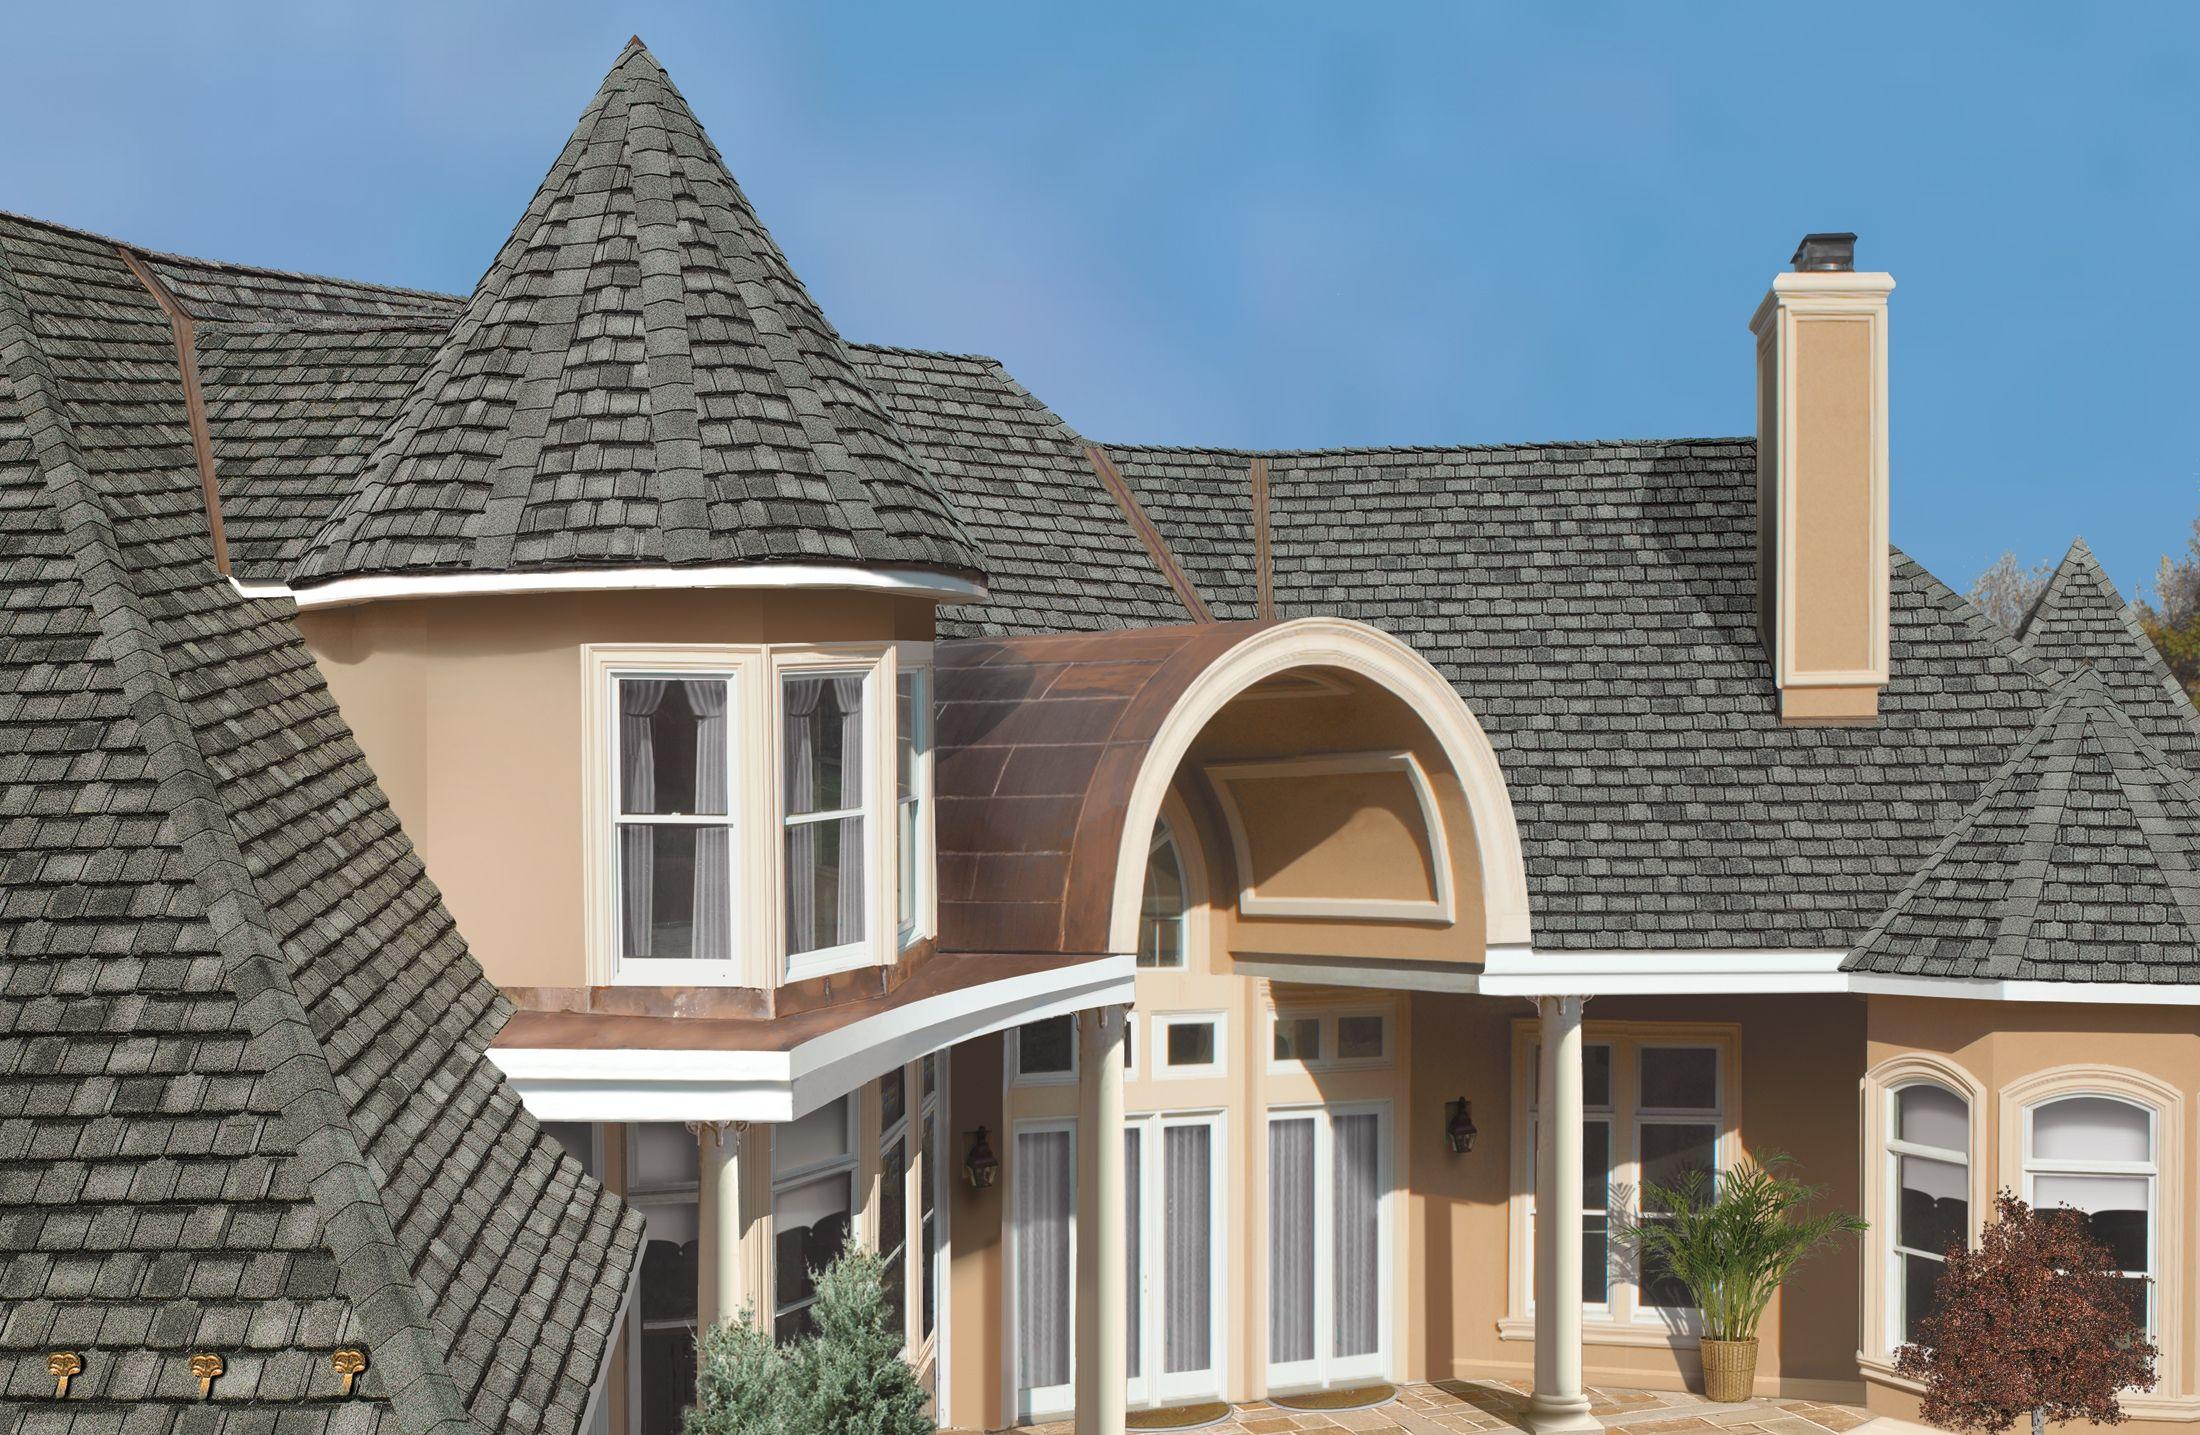 Tri State Windows, Siding U0026 Roofing, GAF Roof, Camelot Antique Slate